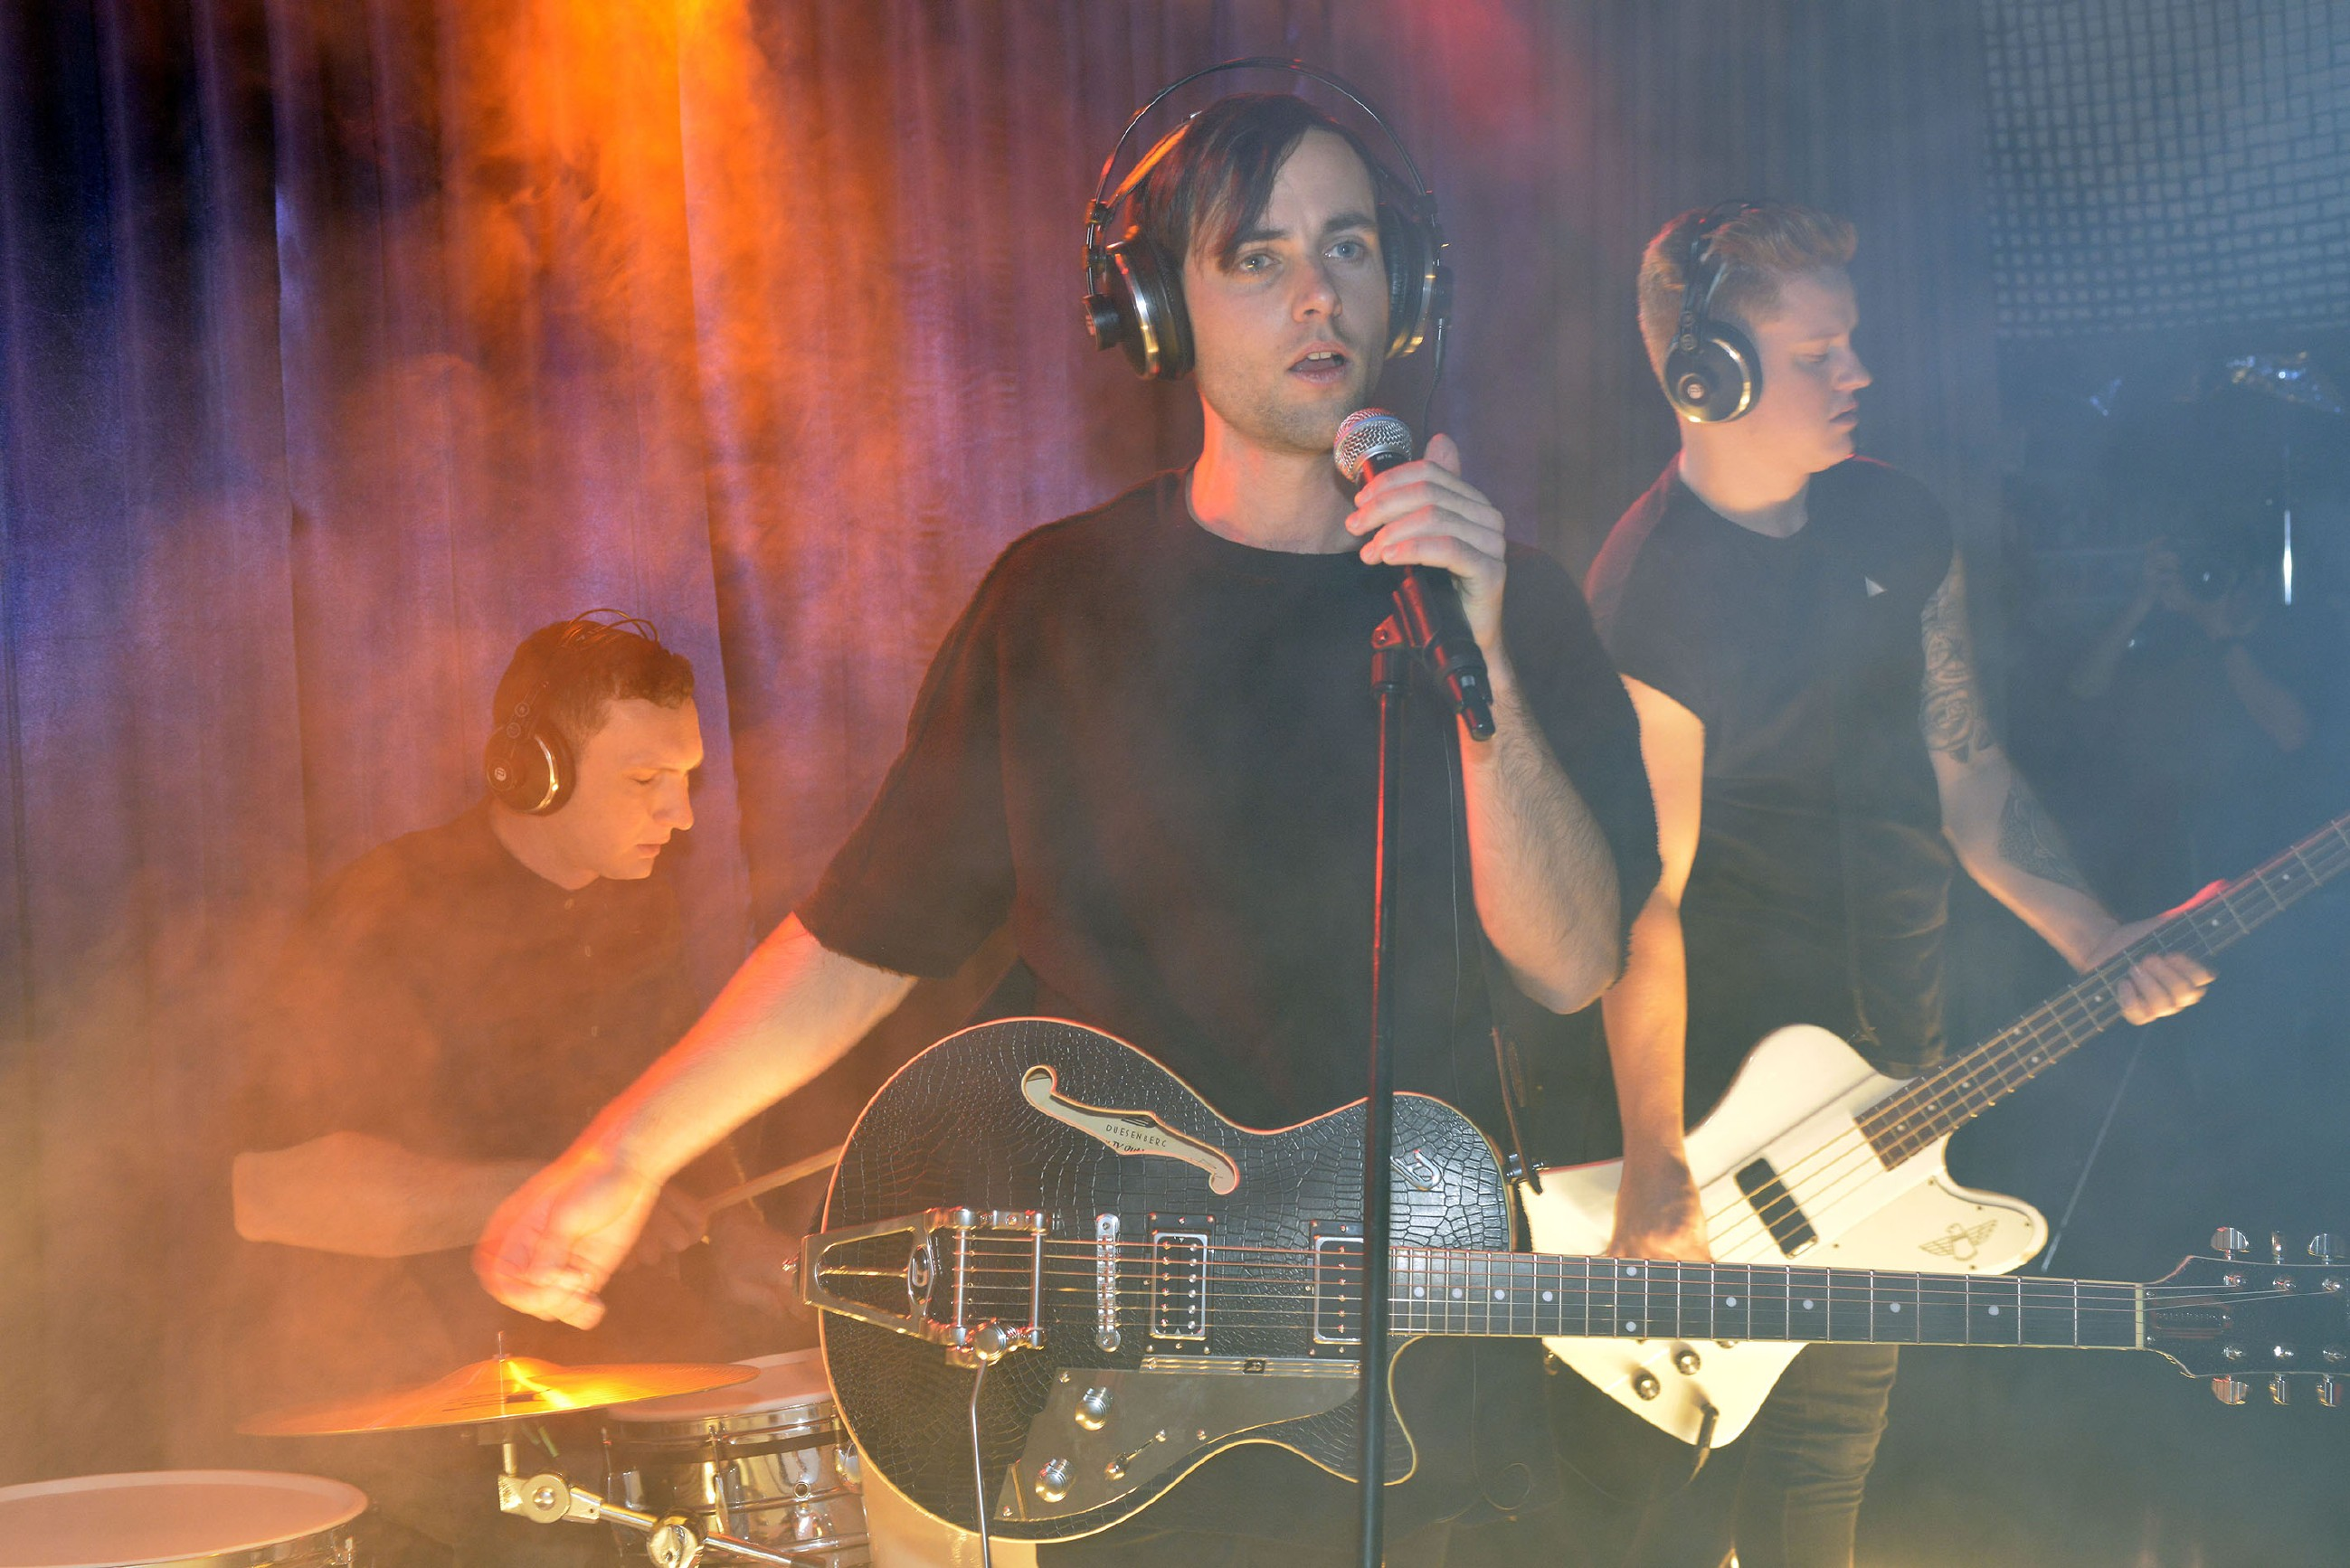 """Die Band """"von Welt"""" gibt ein Konzert im Vereinsheim. (Quelle: RTL / Rolf Baumgartner)"""